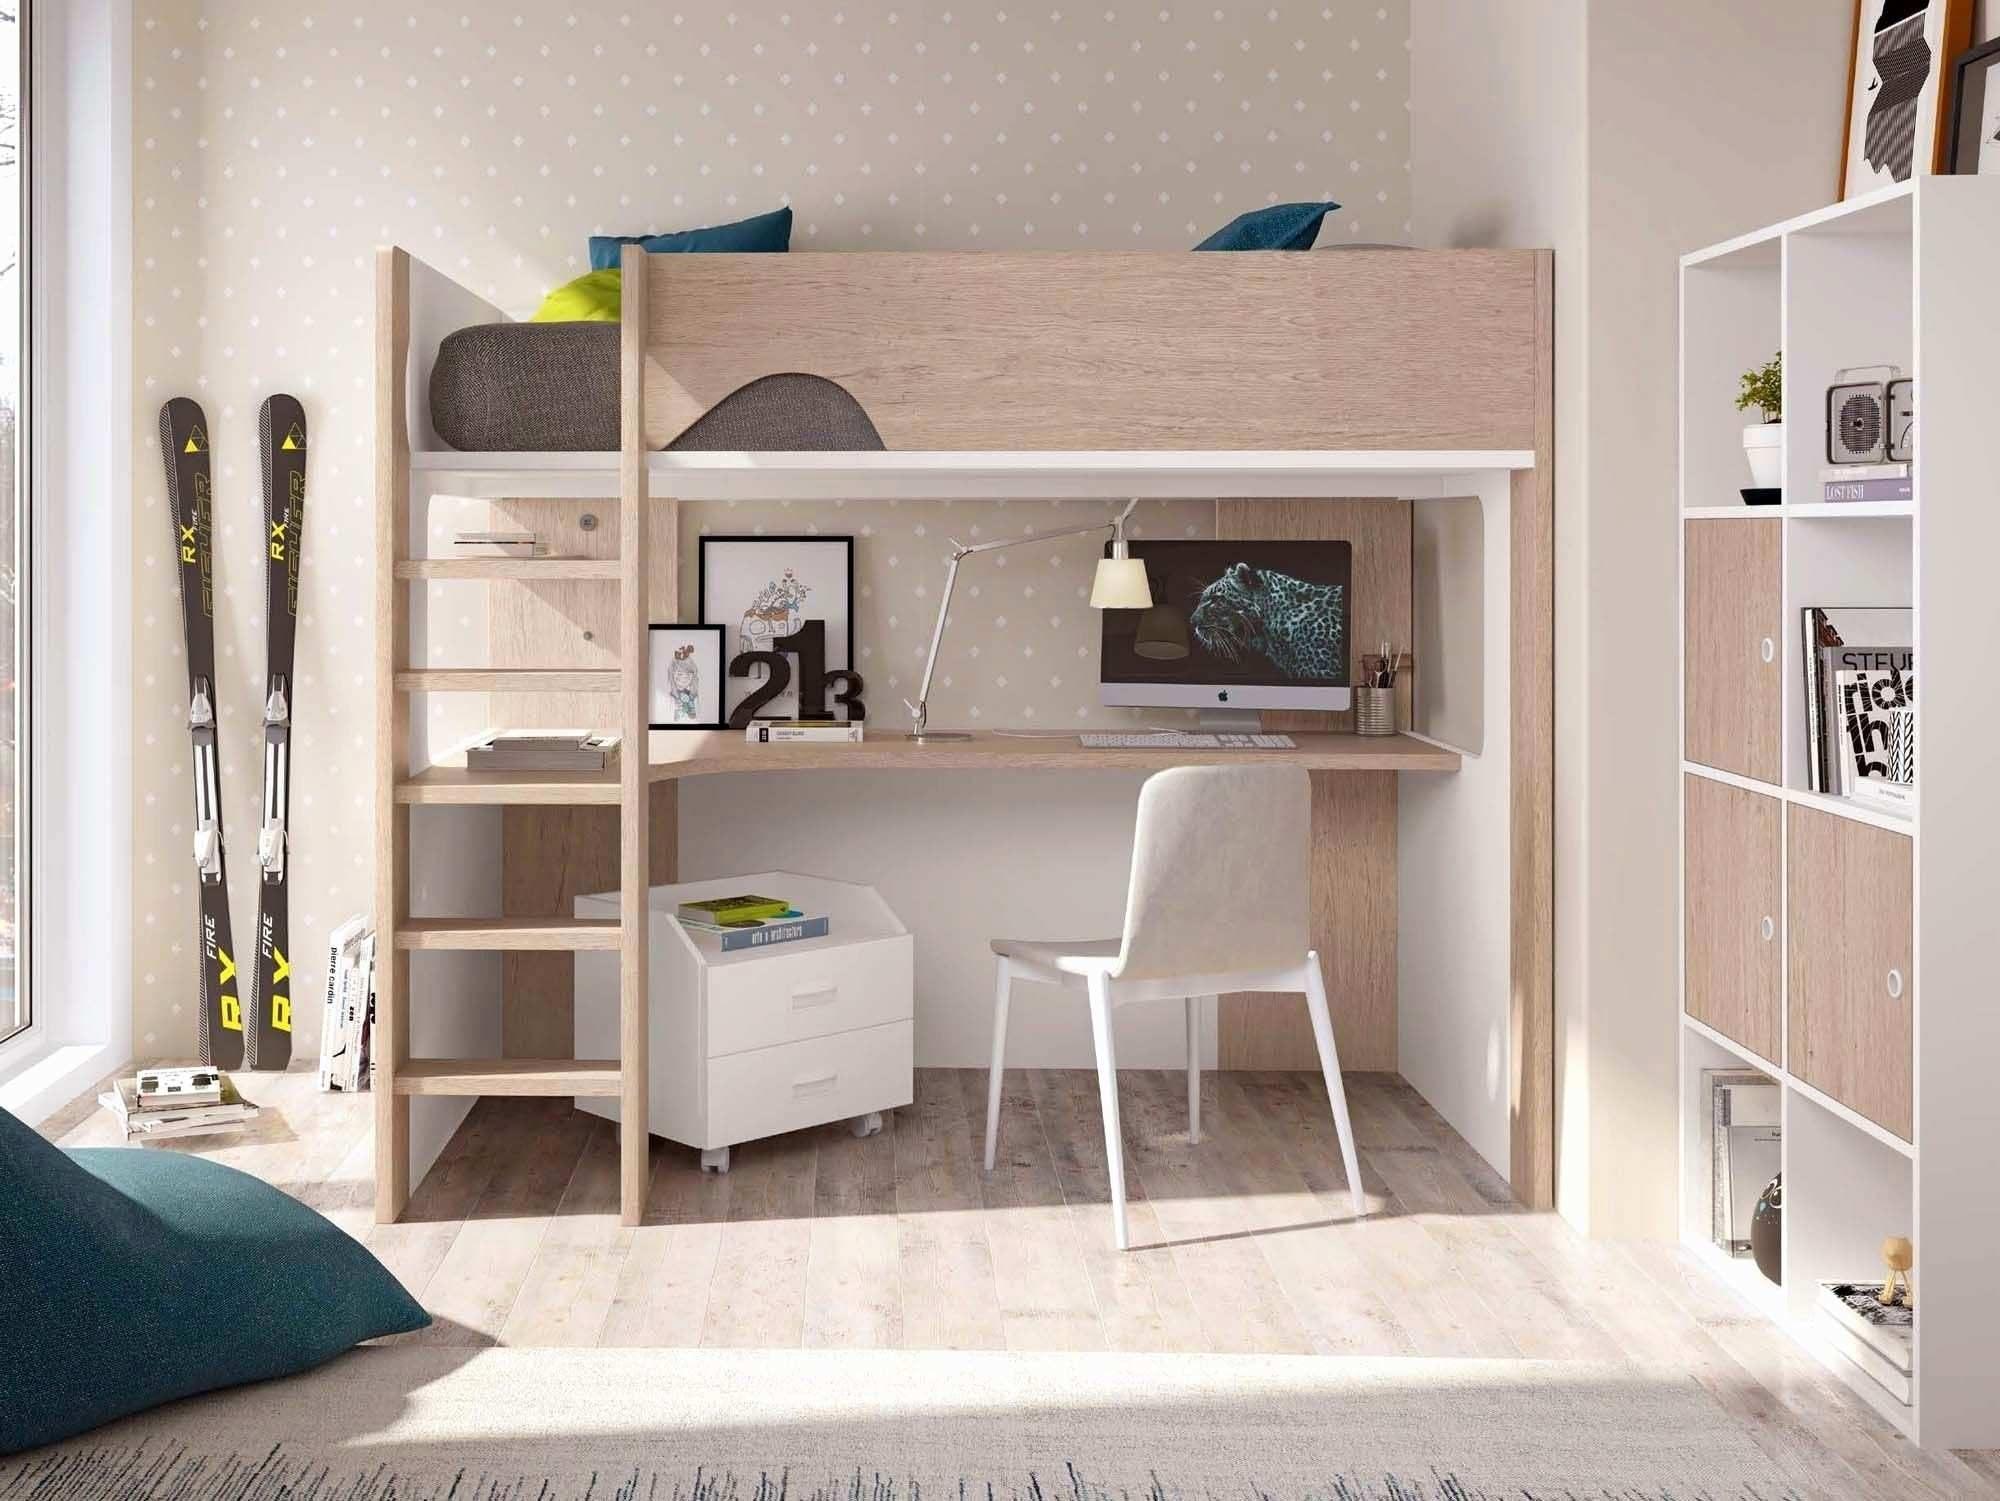 Lit Superposé Mezzanine Nouveau 29 Collection De Briliant Lit Superposé Avec Escalier Pas Cher De